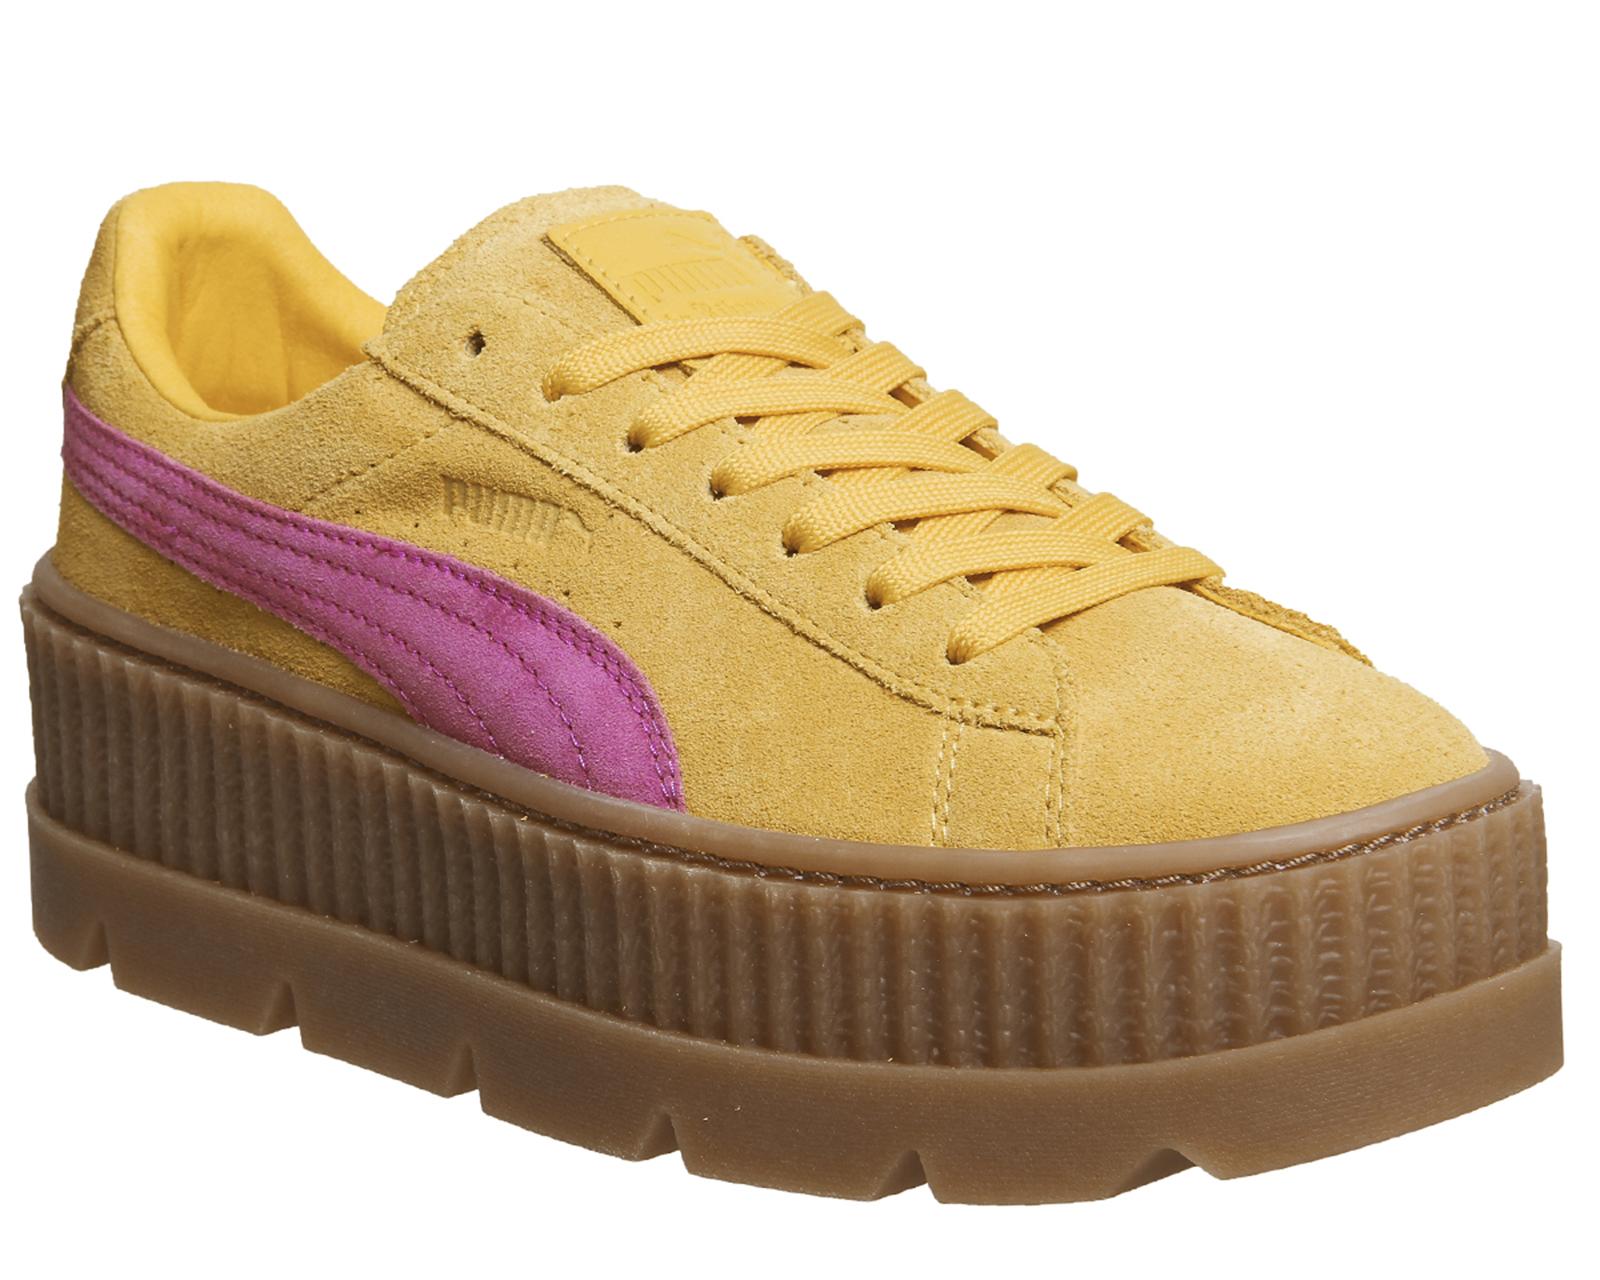 Sentinel Womens Puma Fenty Cleated Creepers LEMON CARMINE ROSE Trainers  Shoes 04e12a9a8